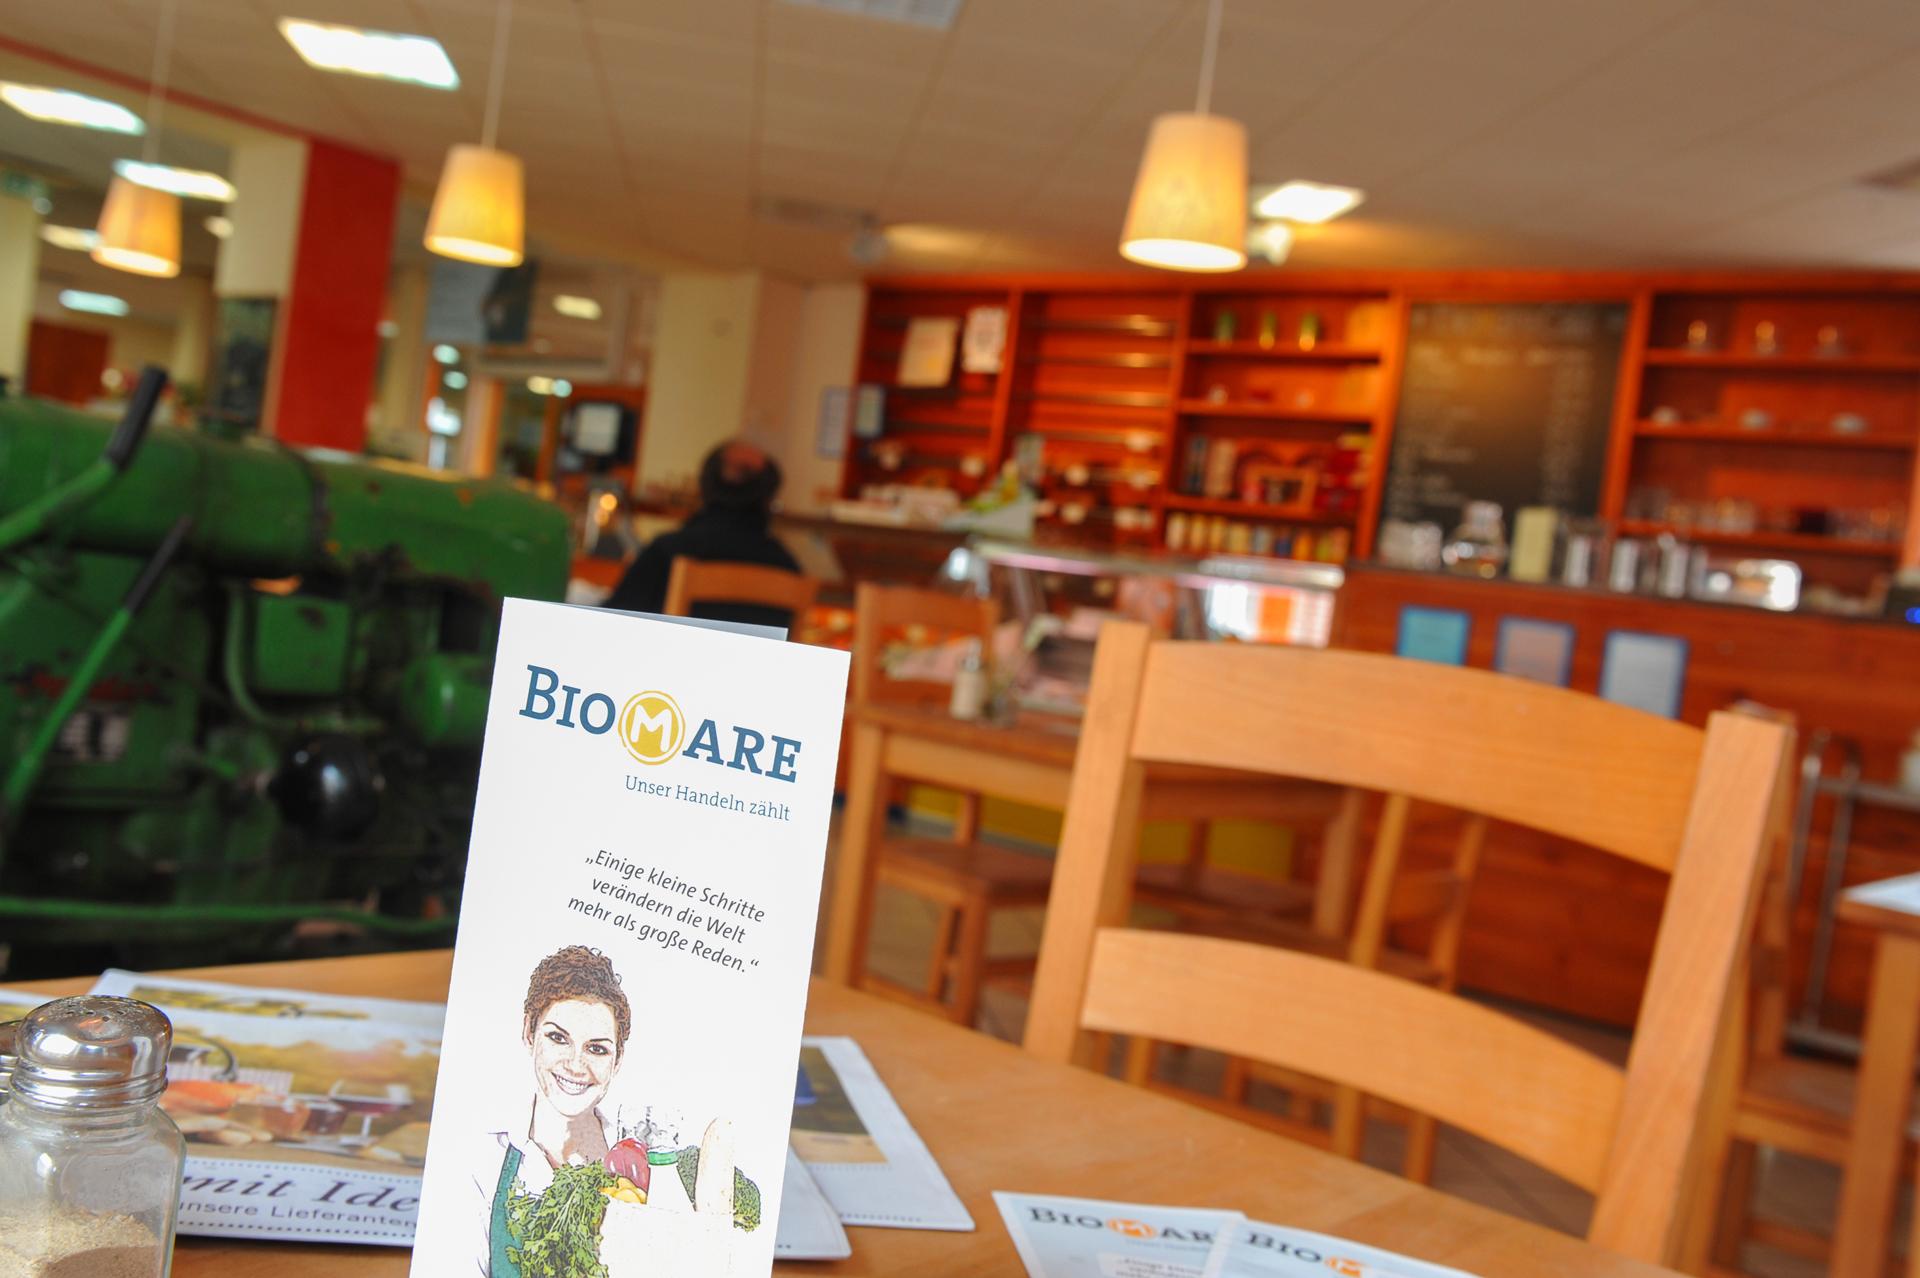 Biomare, unsere Geschichte, Connewitz, bioladen